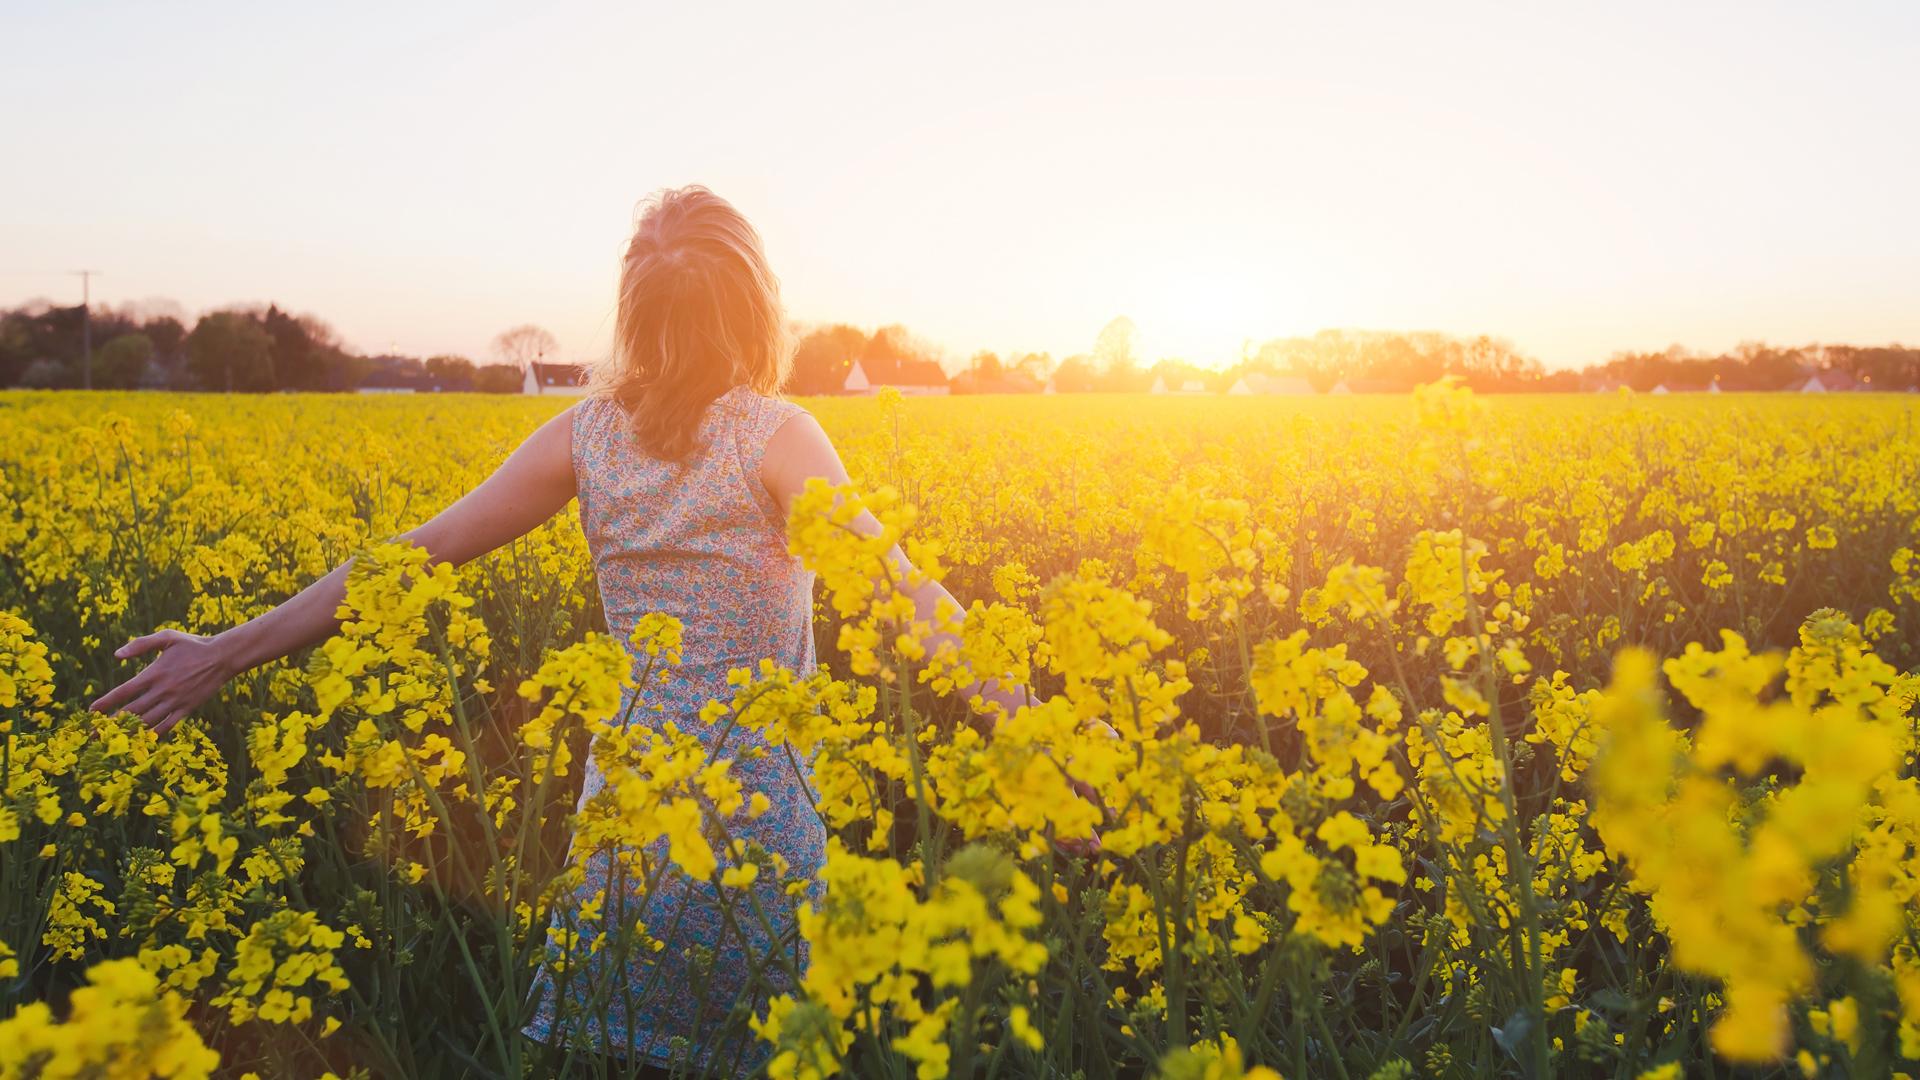 La mejora enlos hábitoscotidianos contribuyen a un mejor estilo de vida (iStock)